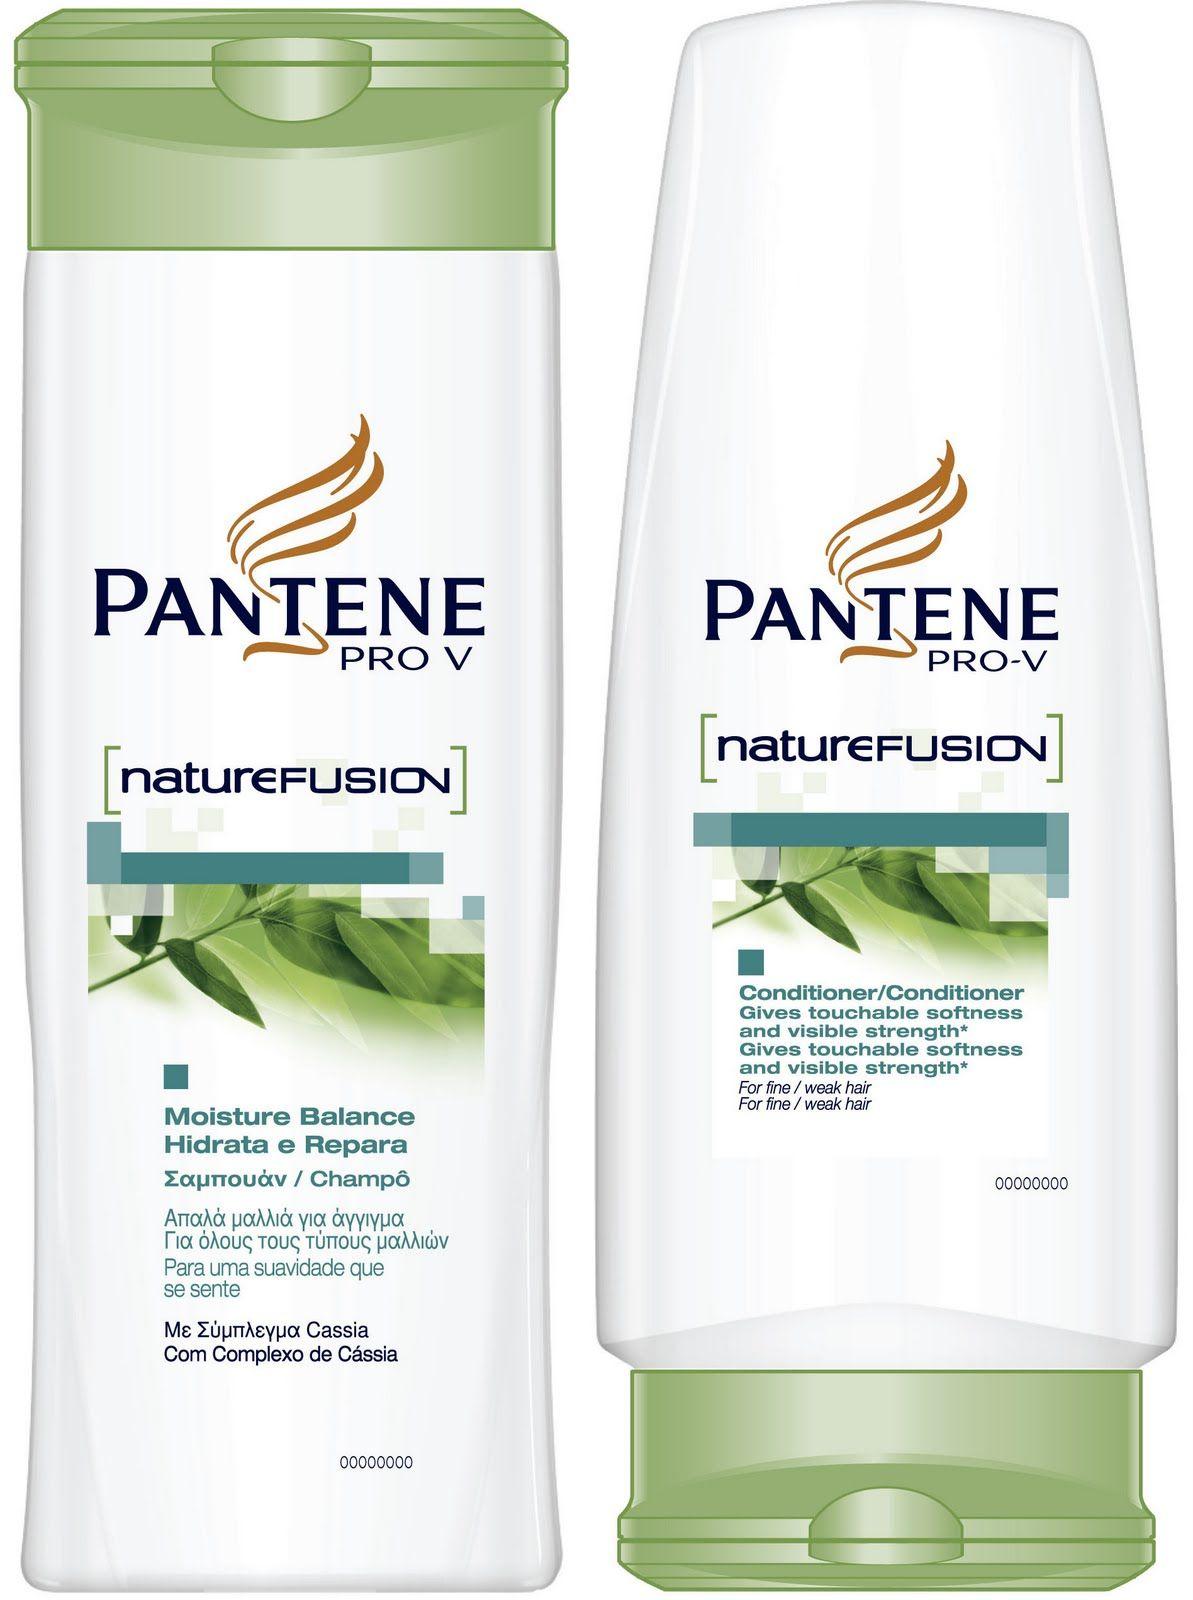 Green Pantene